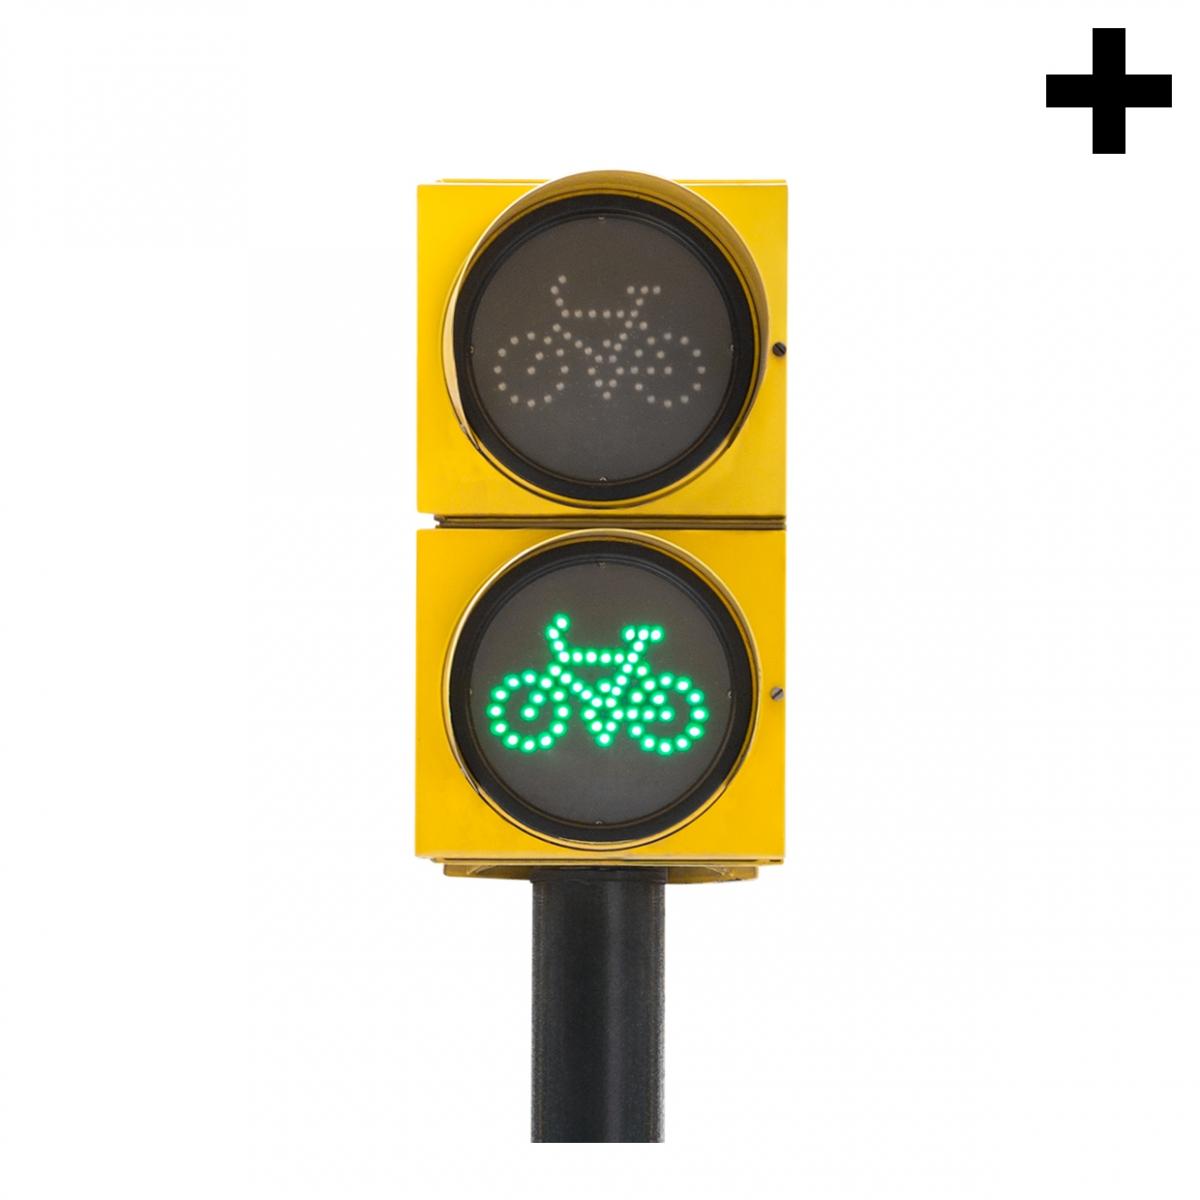 Imagen en la que se ve el plural del concepto semáforo bicicletas